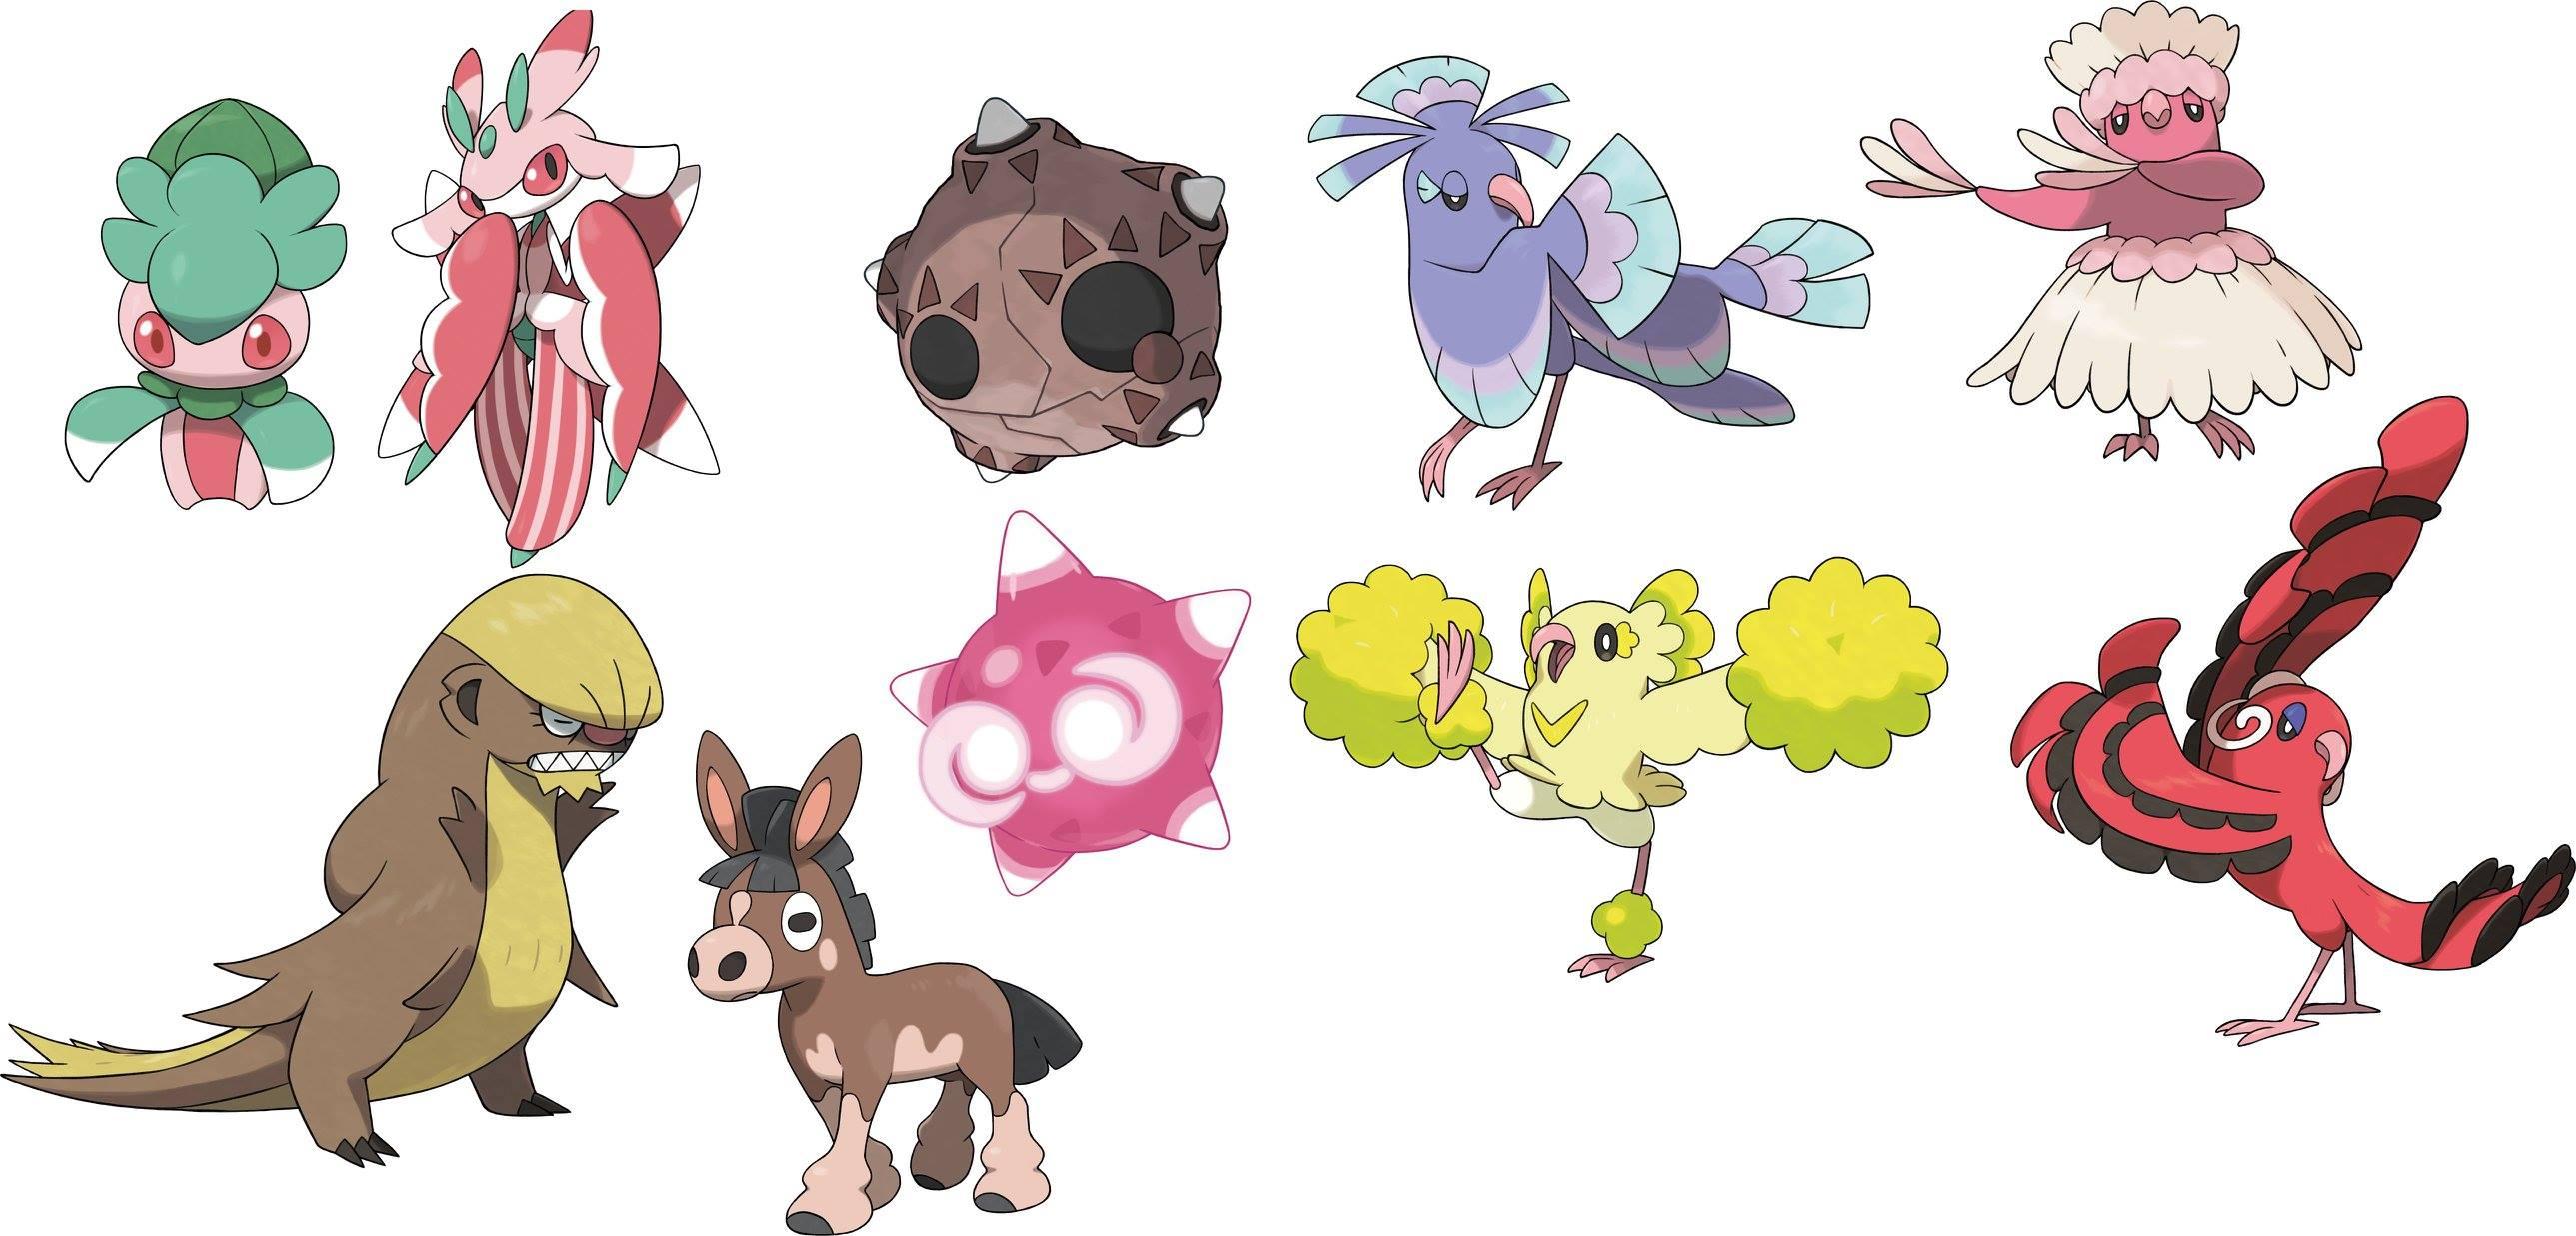 Nowe Pokemony – to idzie w złym kierunku.